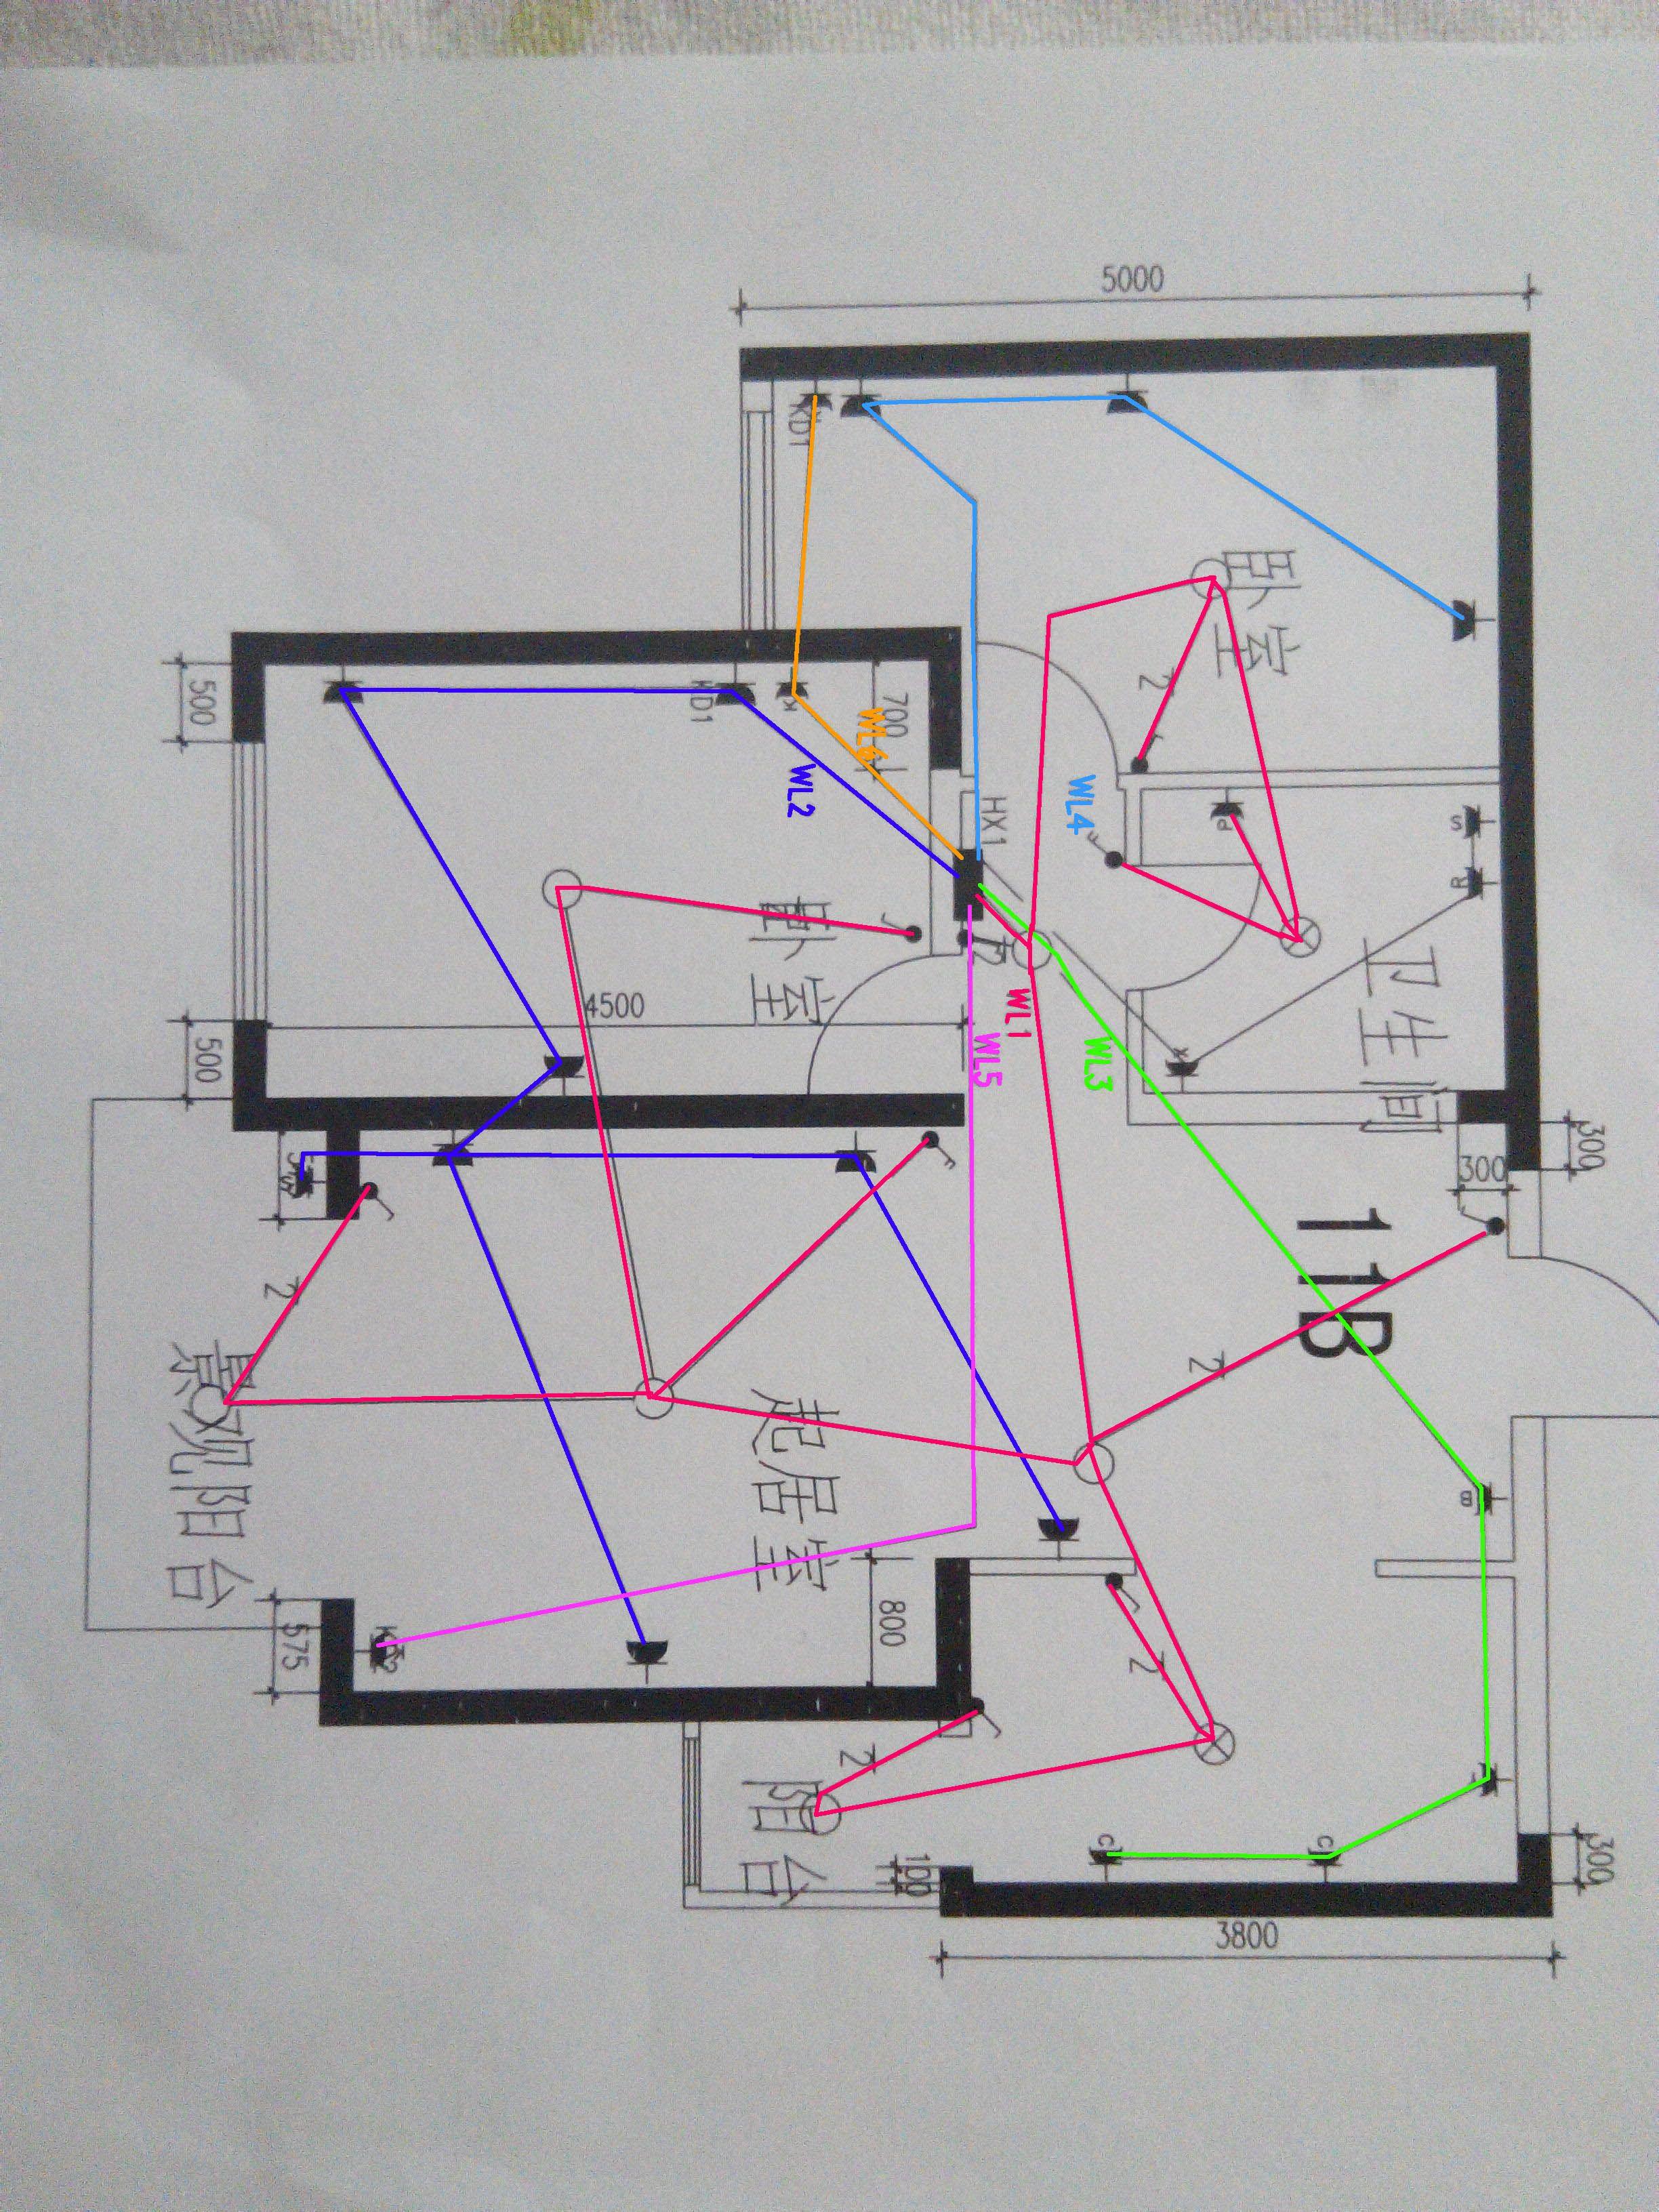 开发商给的电路图看不懂